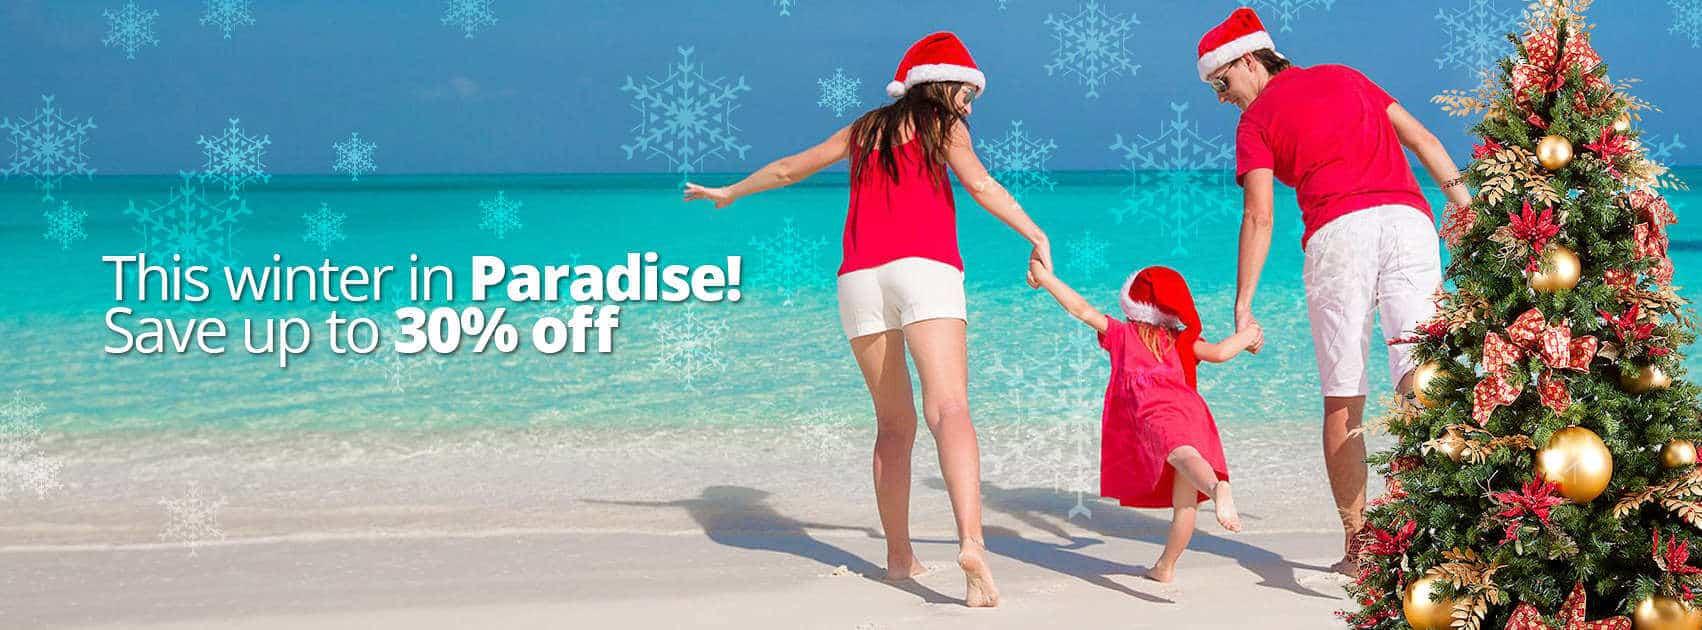 Jamaica villa vacation special and deals